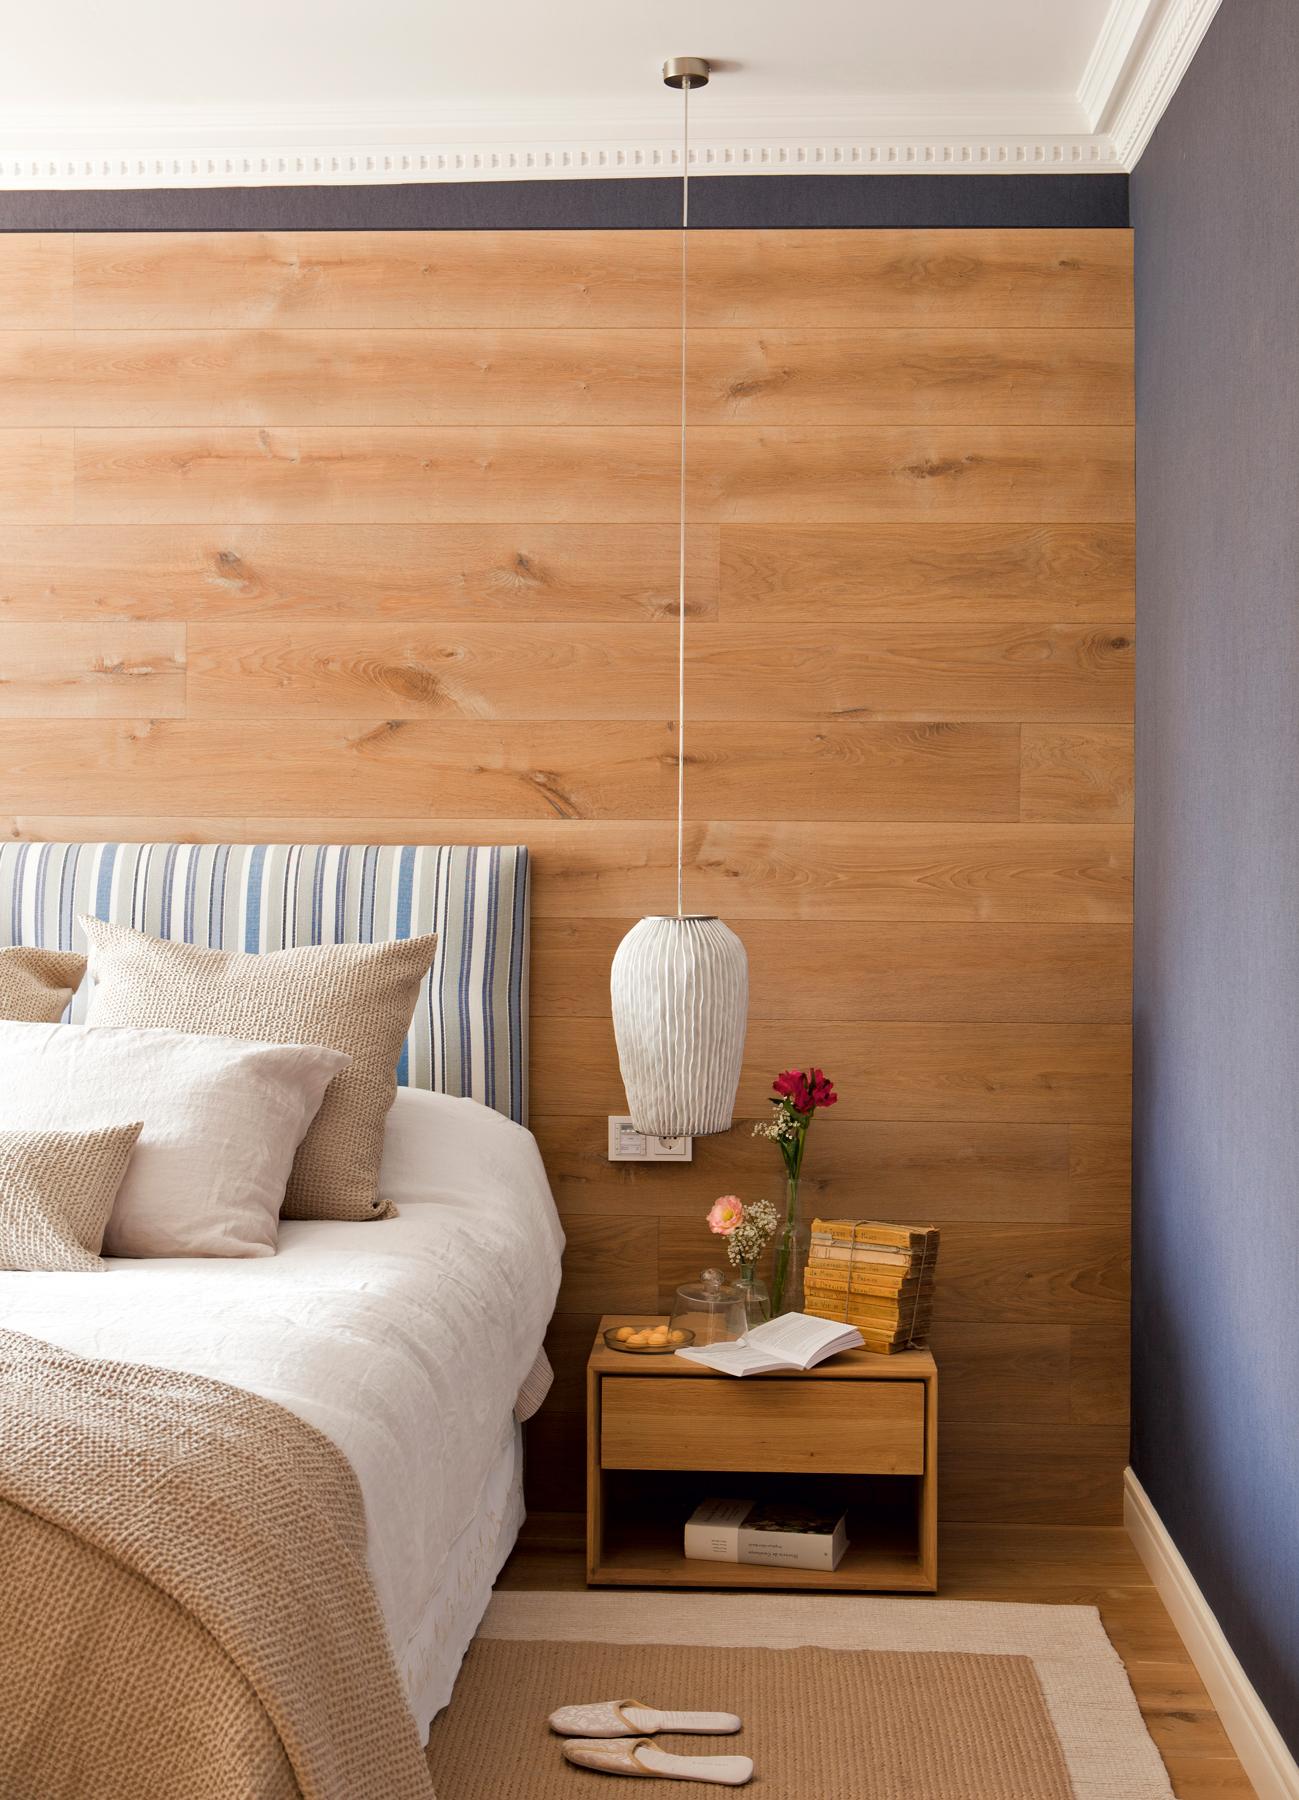 13 00390689 forrado. Dormitorio con una pared forrada con láminas de parquet detrás del cabecero_13 00390689 forrado